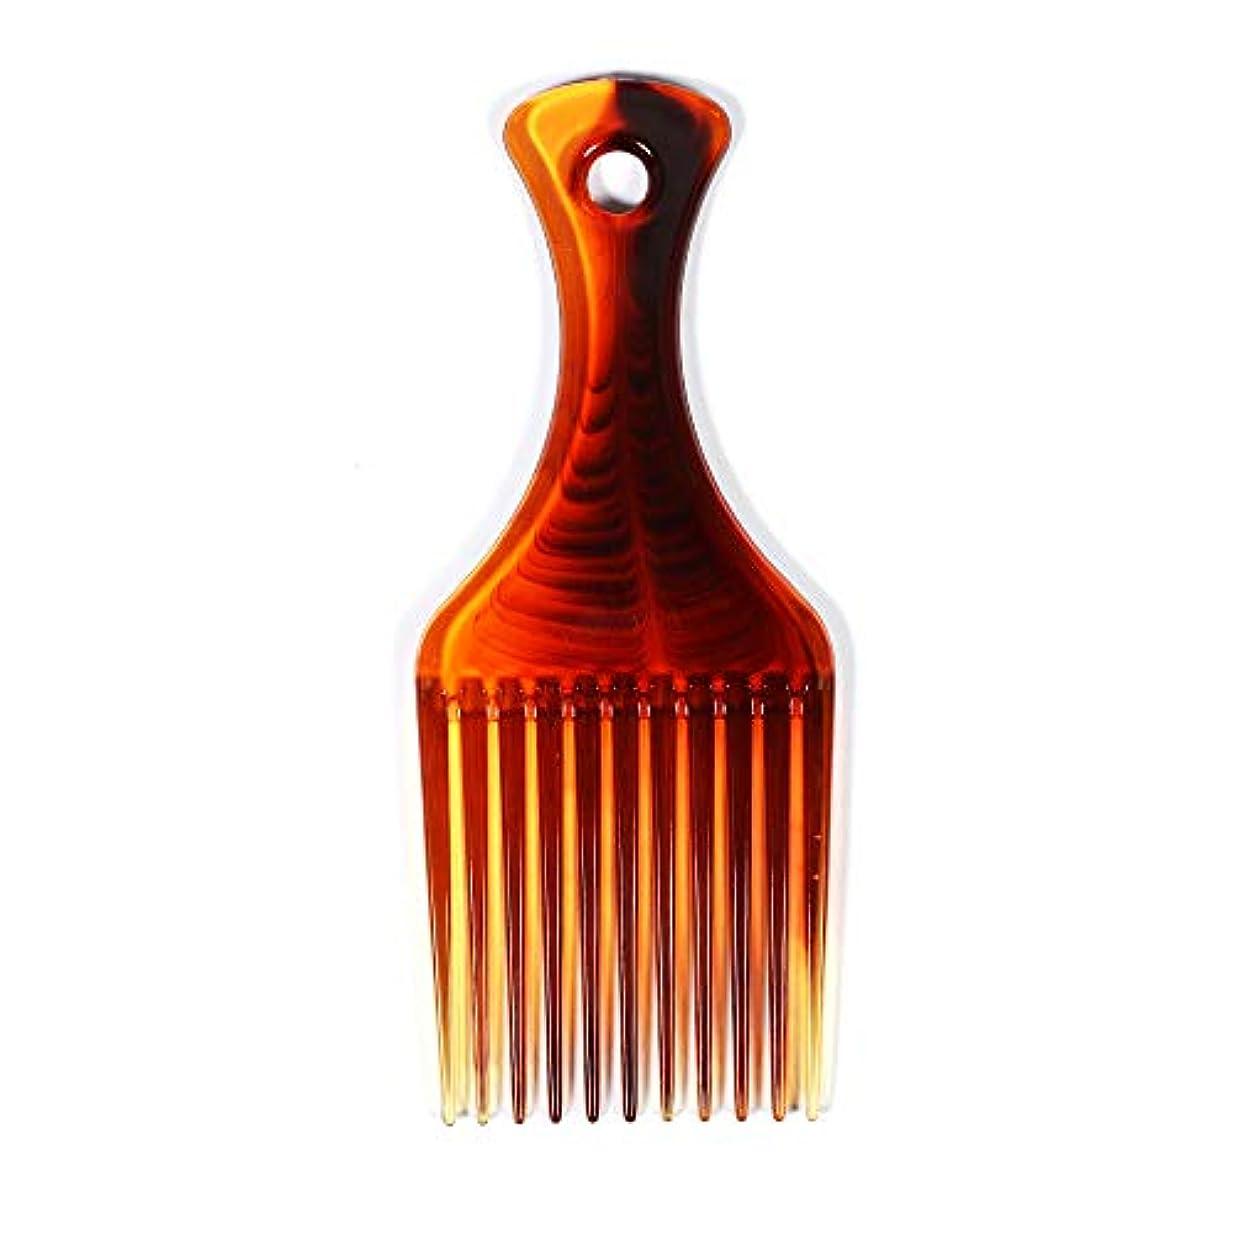 アトラス会計士樫の木SODIAL 髪用櫛 髪のフォークコーム 理髪カーリーヘアブラシ、櫛を挿入して ヘアブラシ 男性と女性のためスタイリングツール